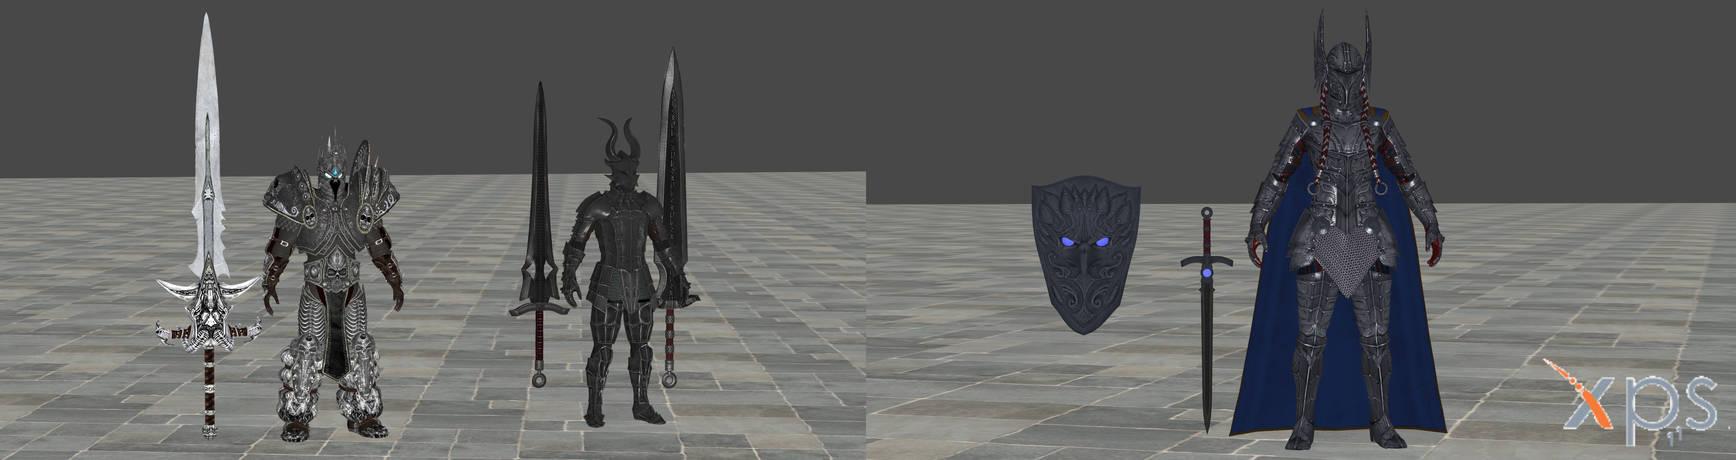 Skyrim Armor Mods For XNALara Pack 2 by user619 on DeviantArt